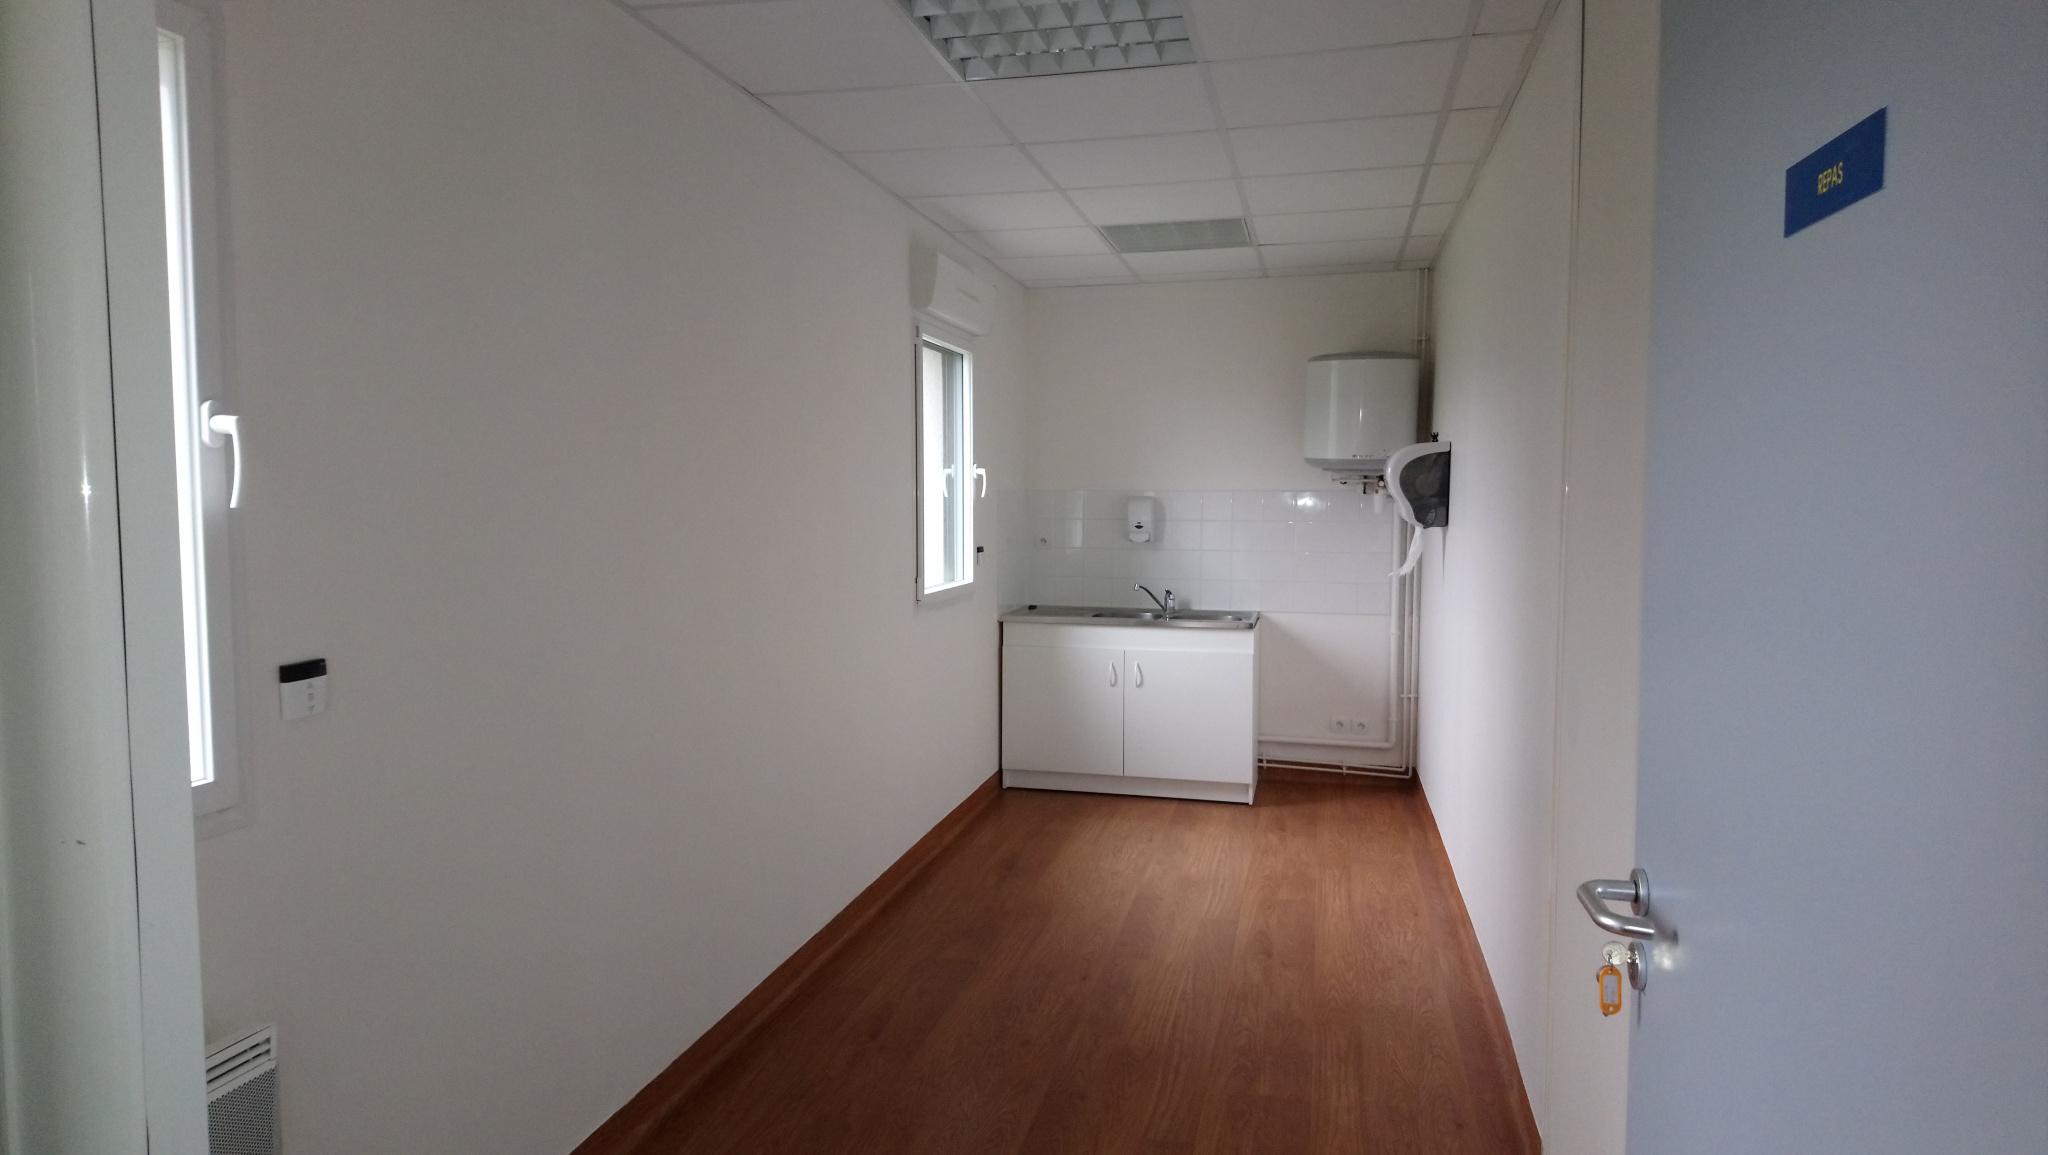 Vente immobilier professionnel plateau de bureaux vendre - Bureau de vente immobilier ...